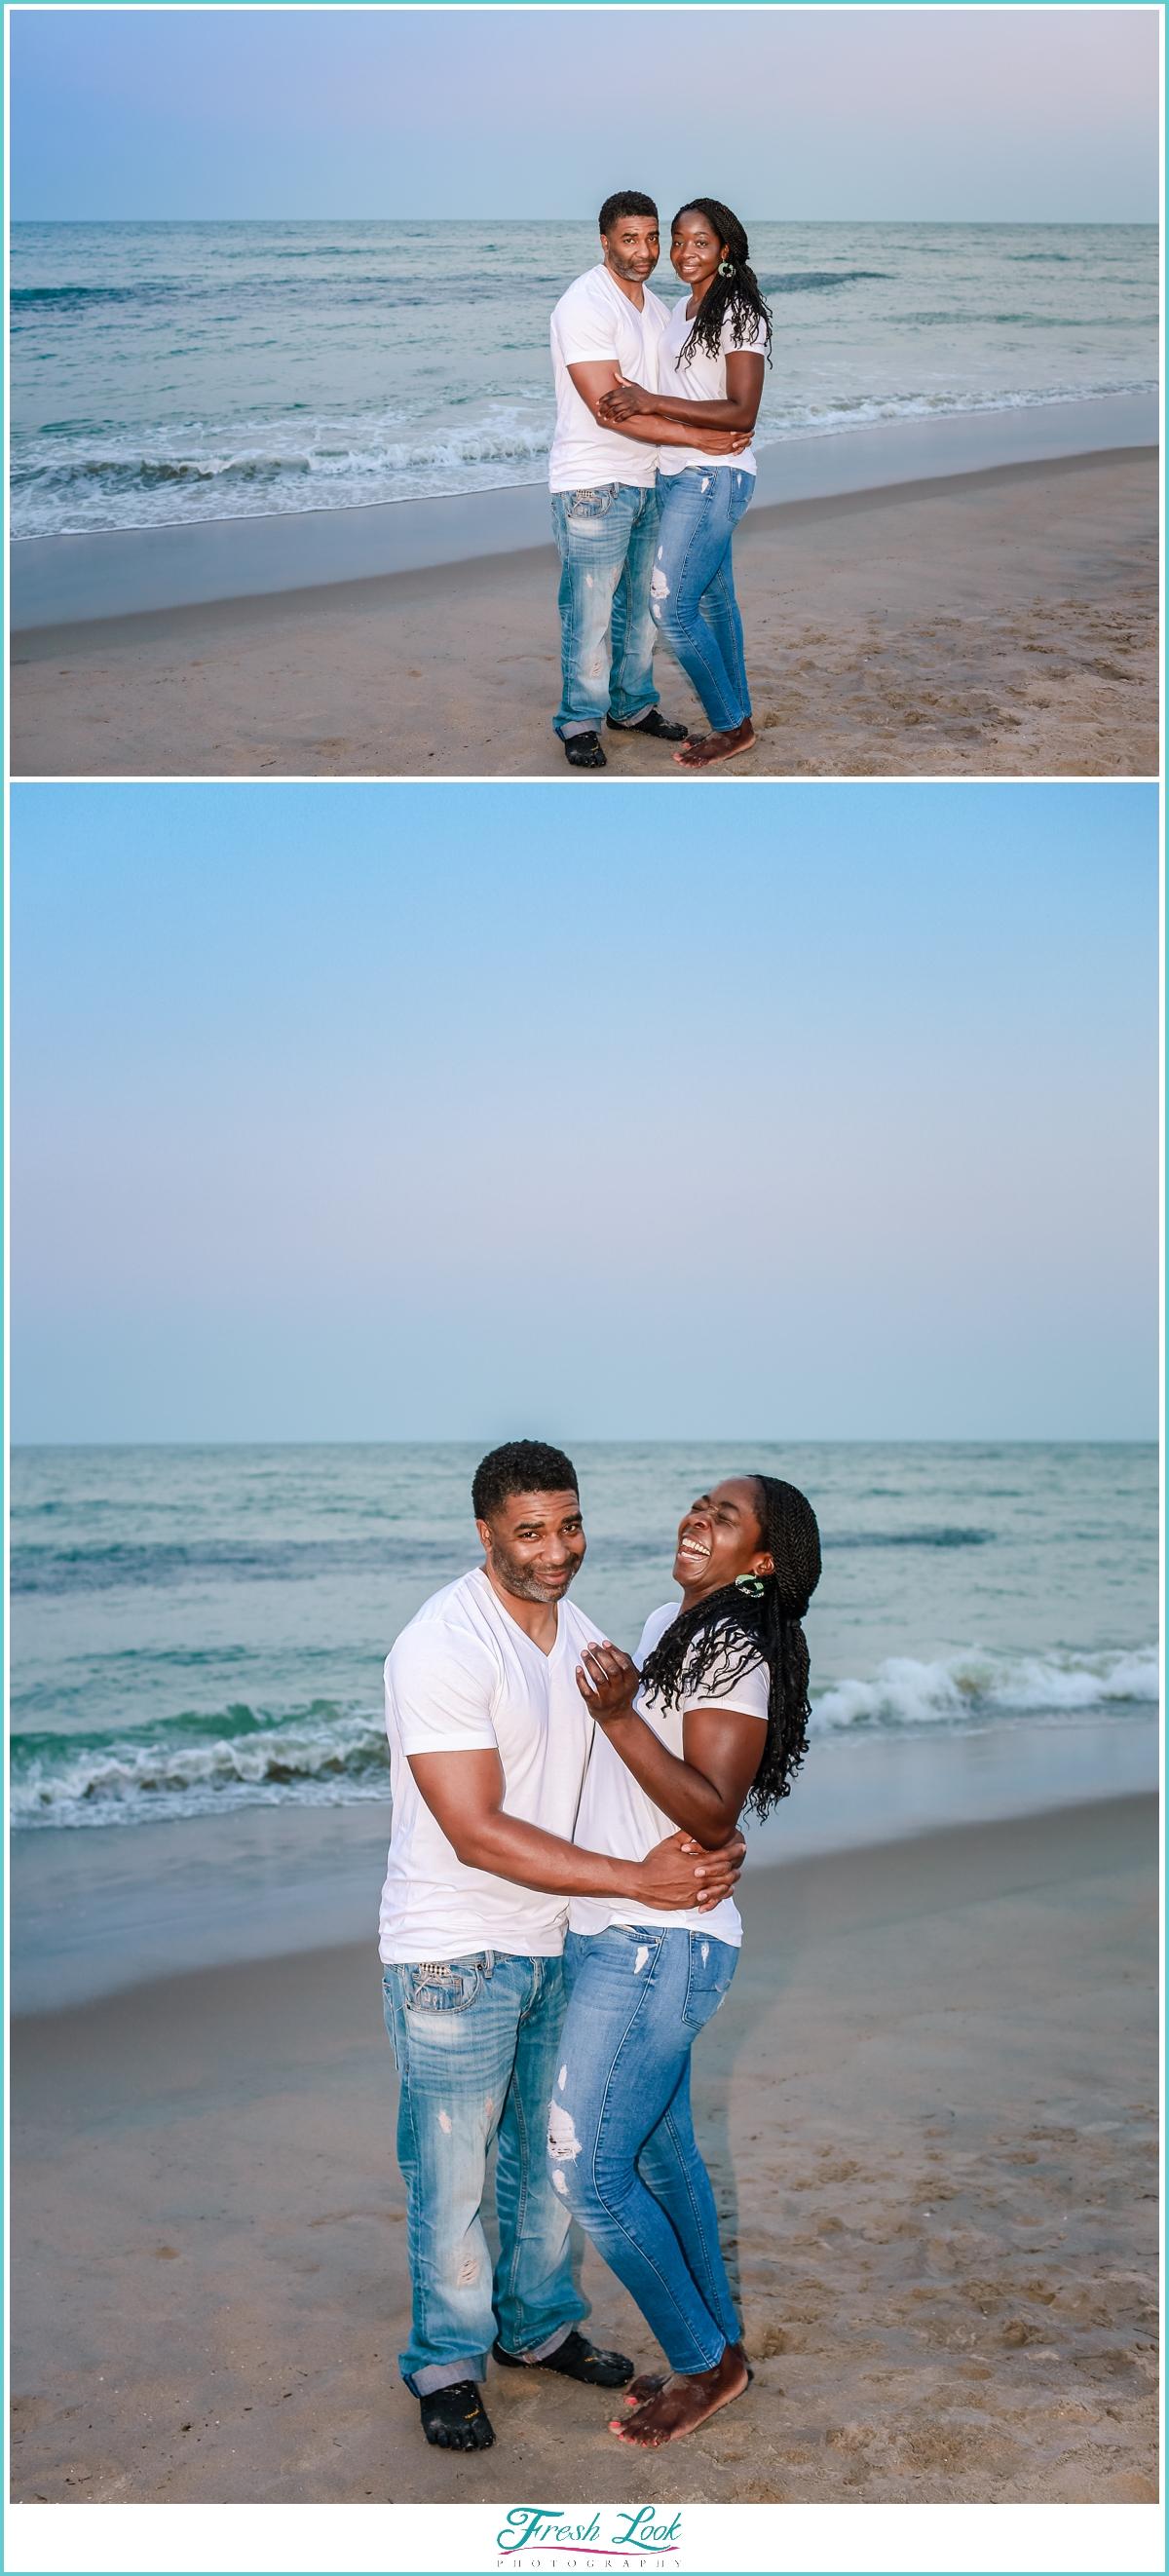 beach couples photos